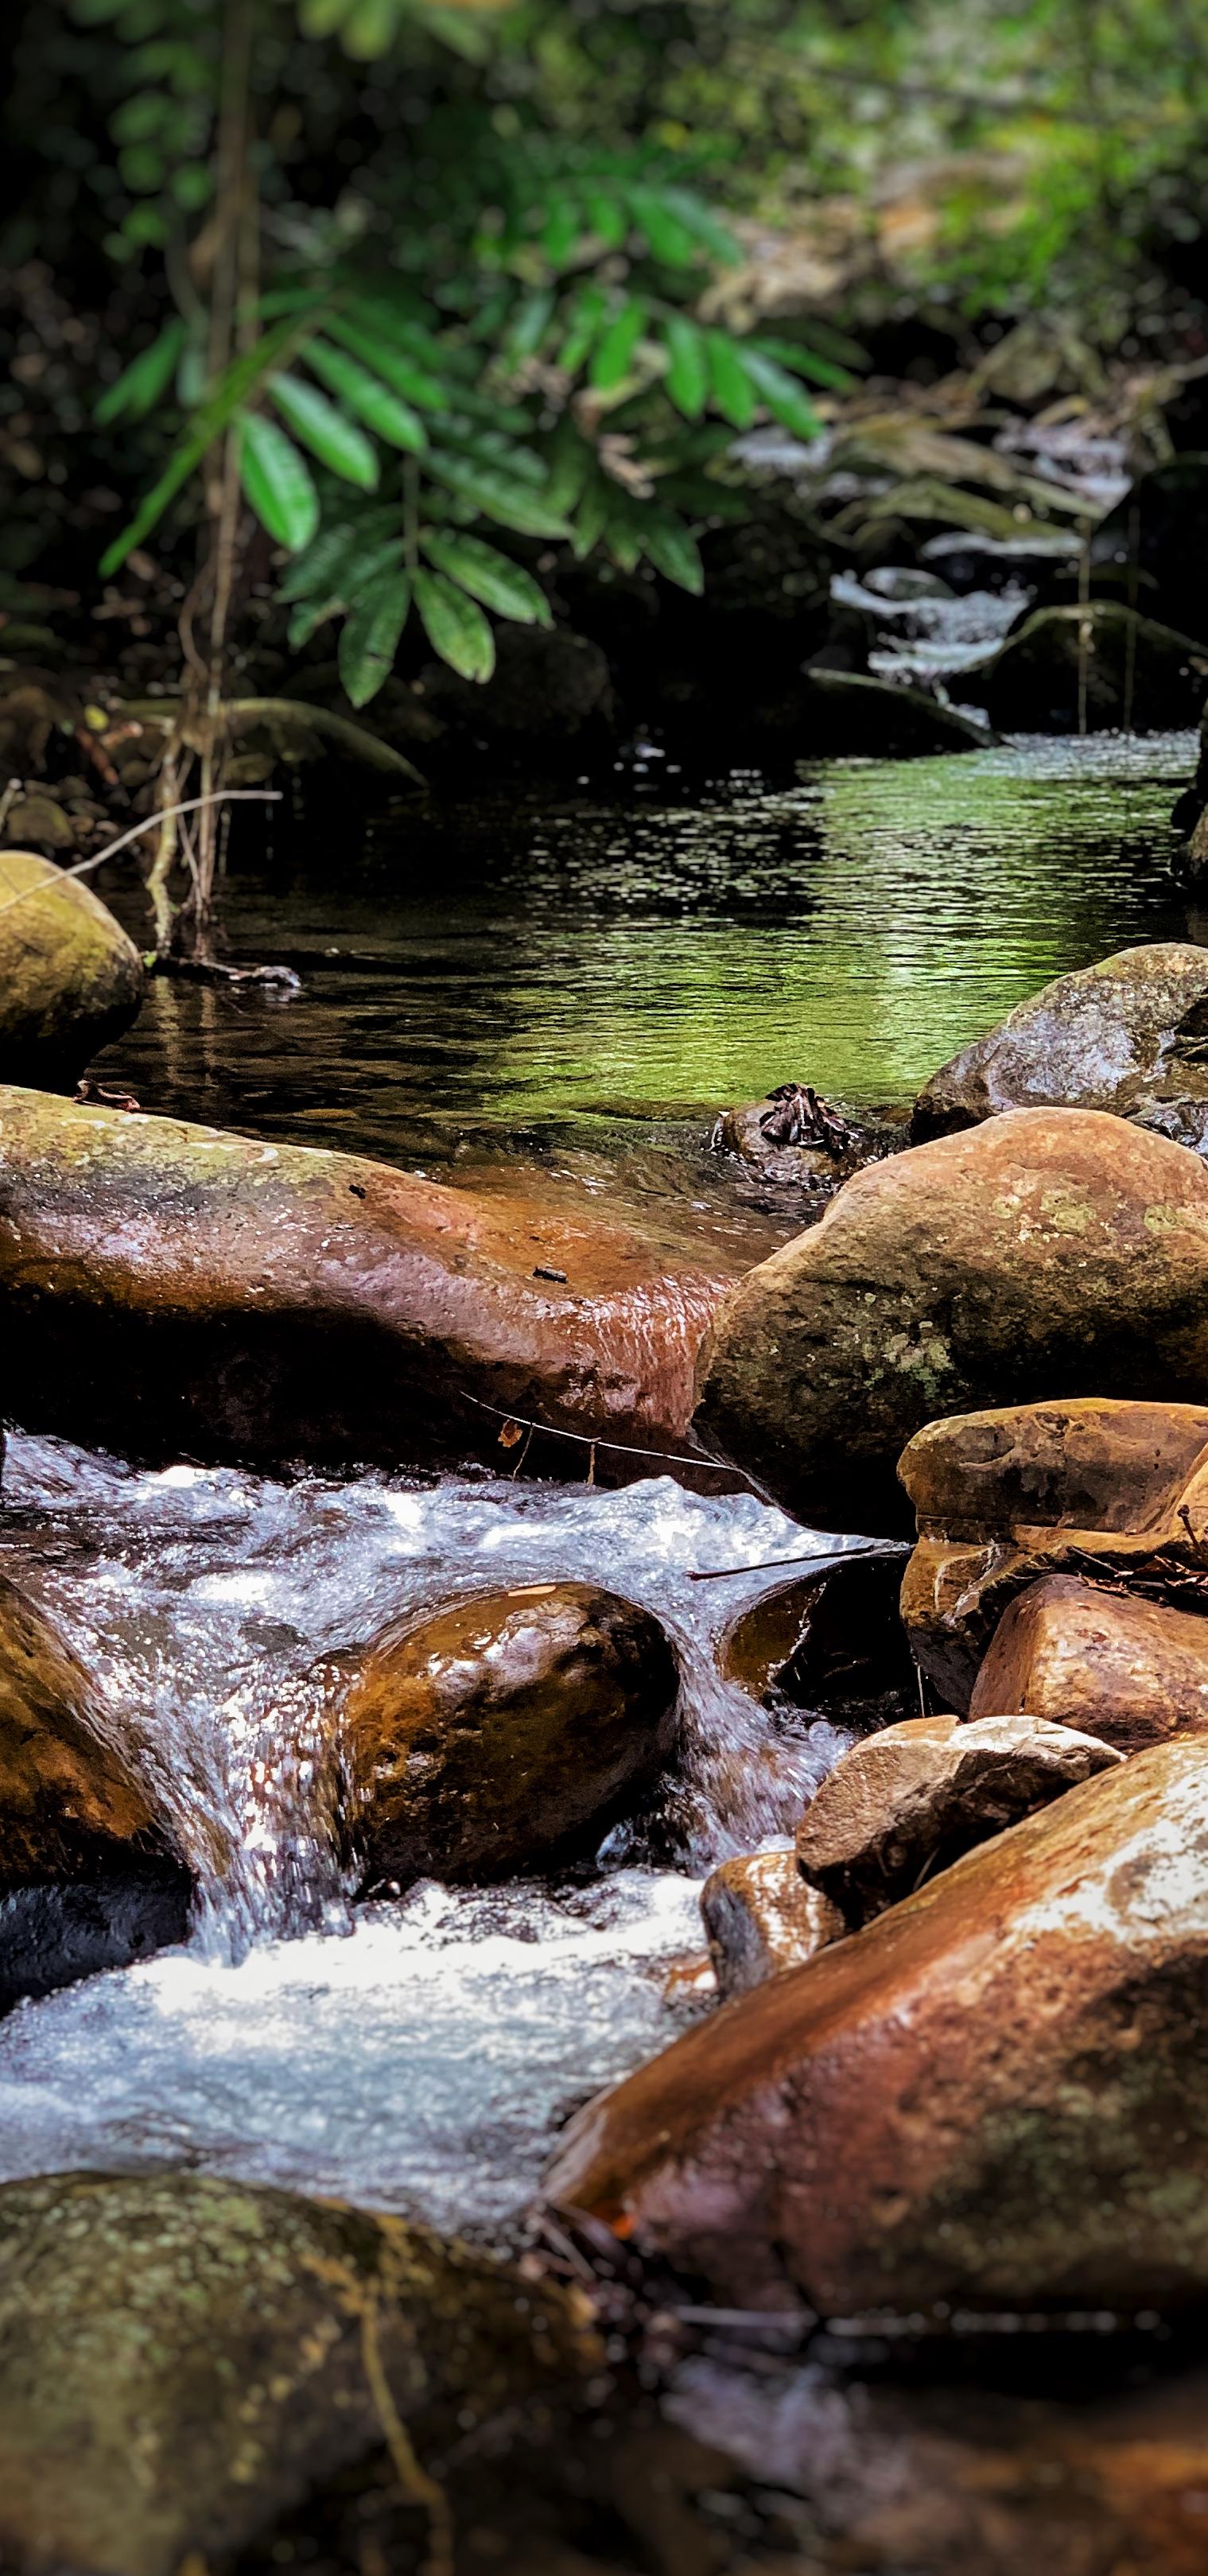 Rushing streams. Mari Mari Village.